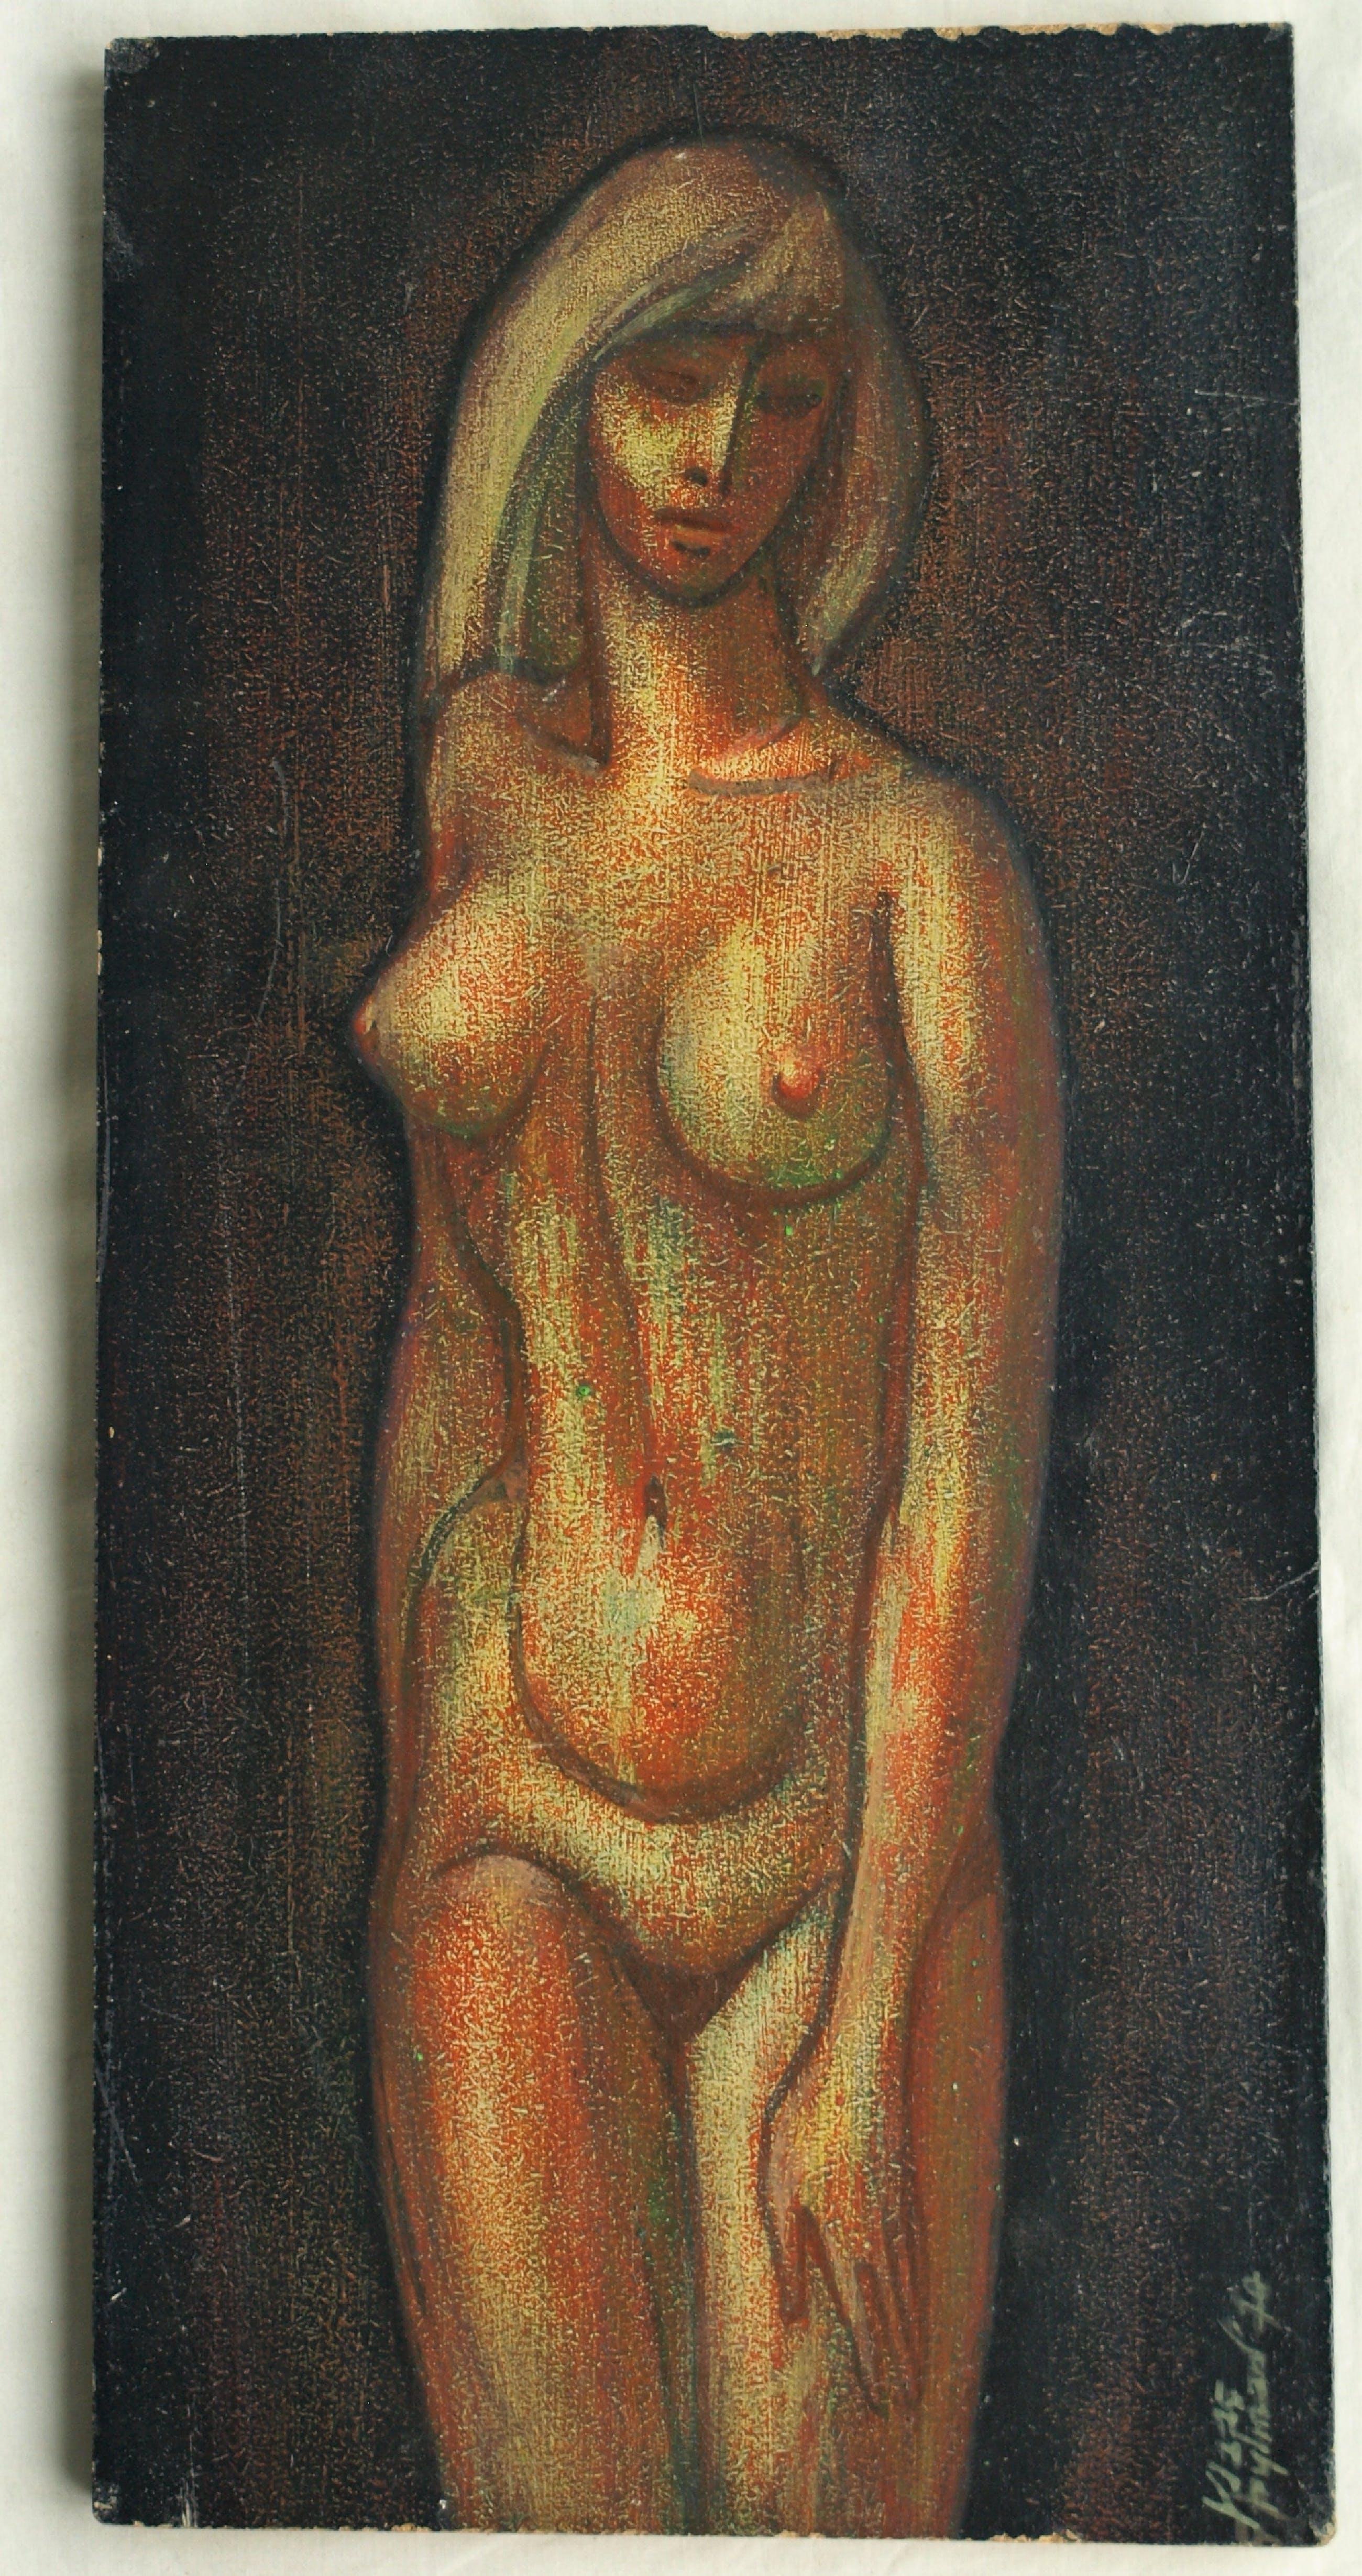 Klaas Pijlman - Olieverf op paneel , Naakte vrouw – gesigneerd – 1970 kopen? Bied vanaf 35!